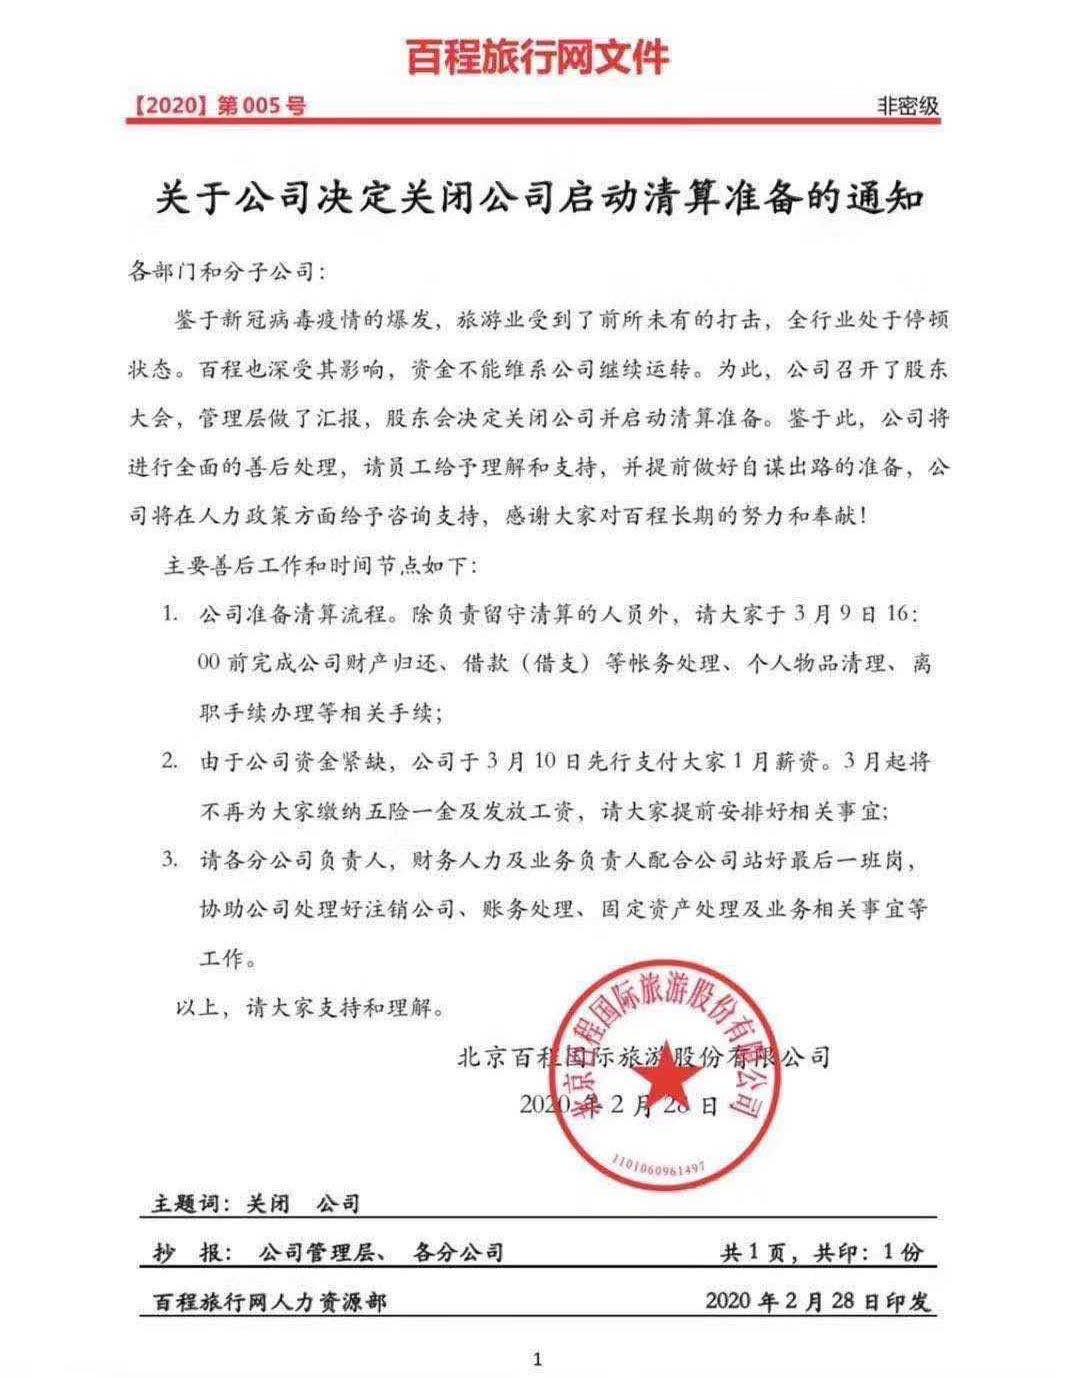 传百程旅游网启动破产清算